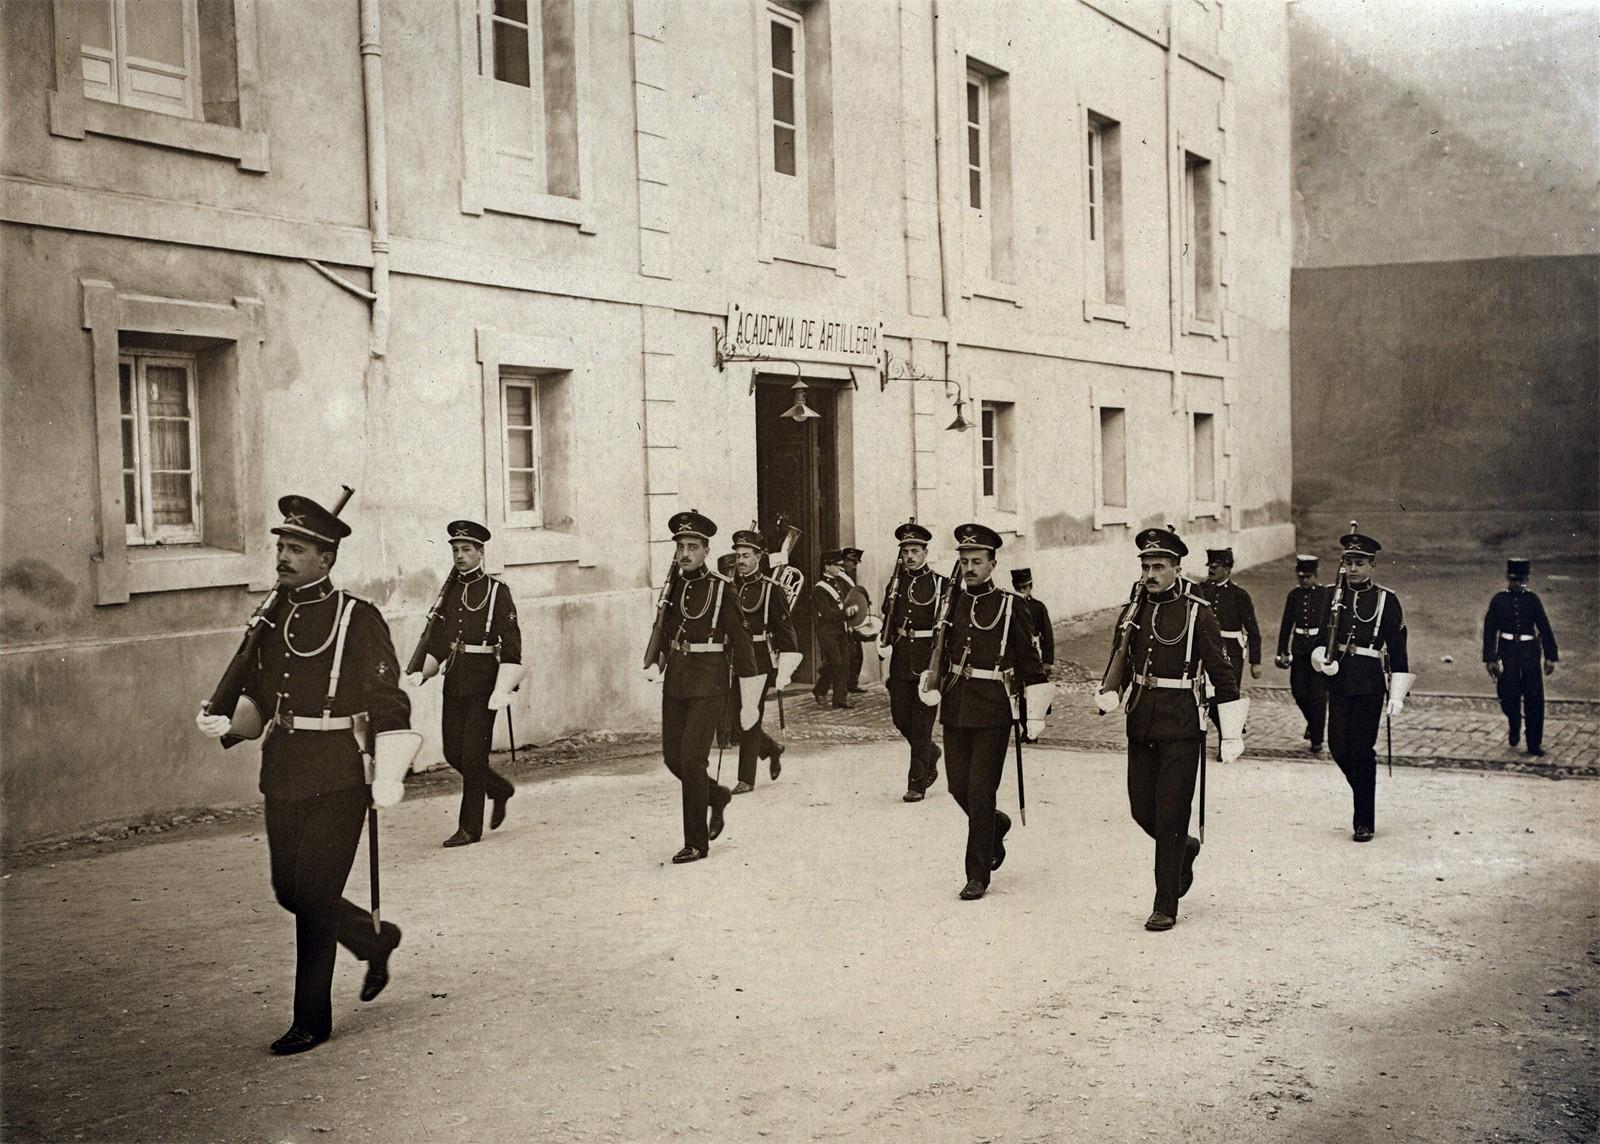 Puerta de Día Sanz, principios del siglo XX. 12.- Colecciones y archivos particulares de D. Juan Francisco Sáez Pajares.